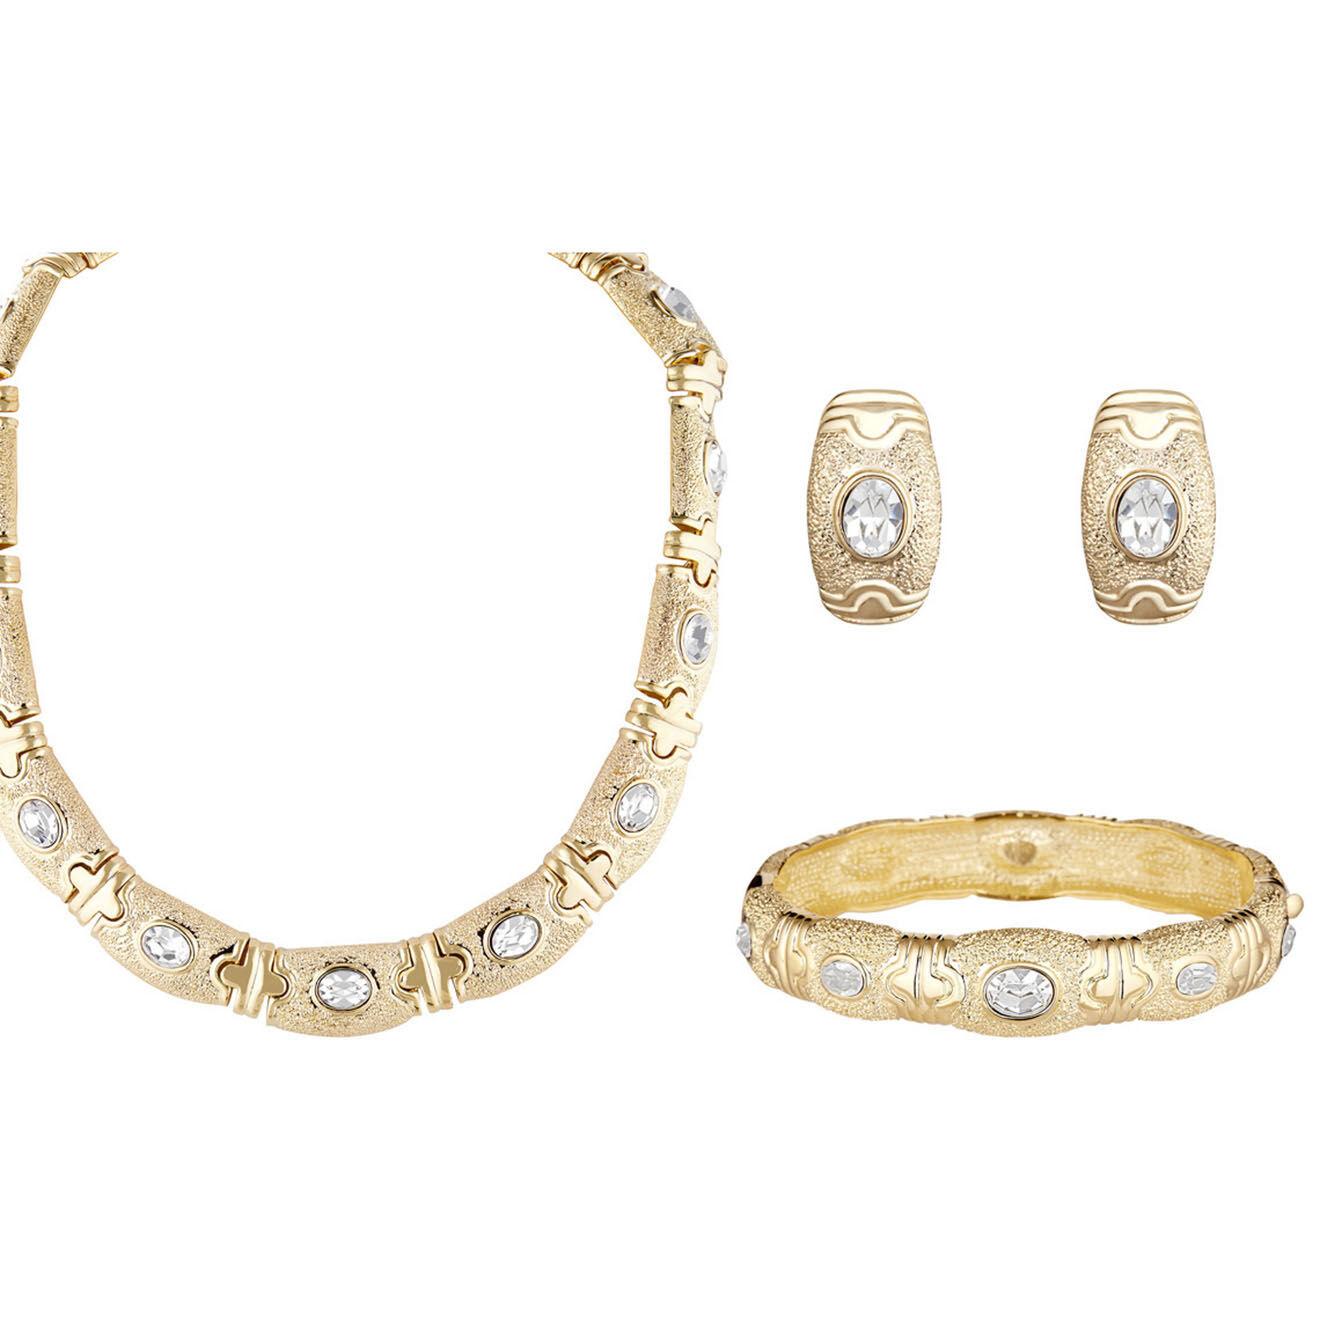 Parure Collier, Bracelet & Boucles d'oreilles Margot dorée - La Chiquita - Modalova